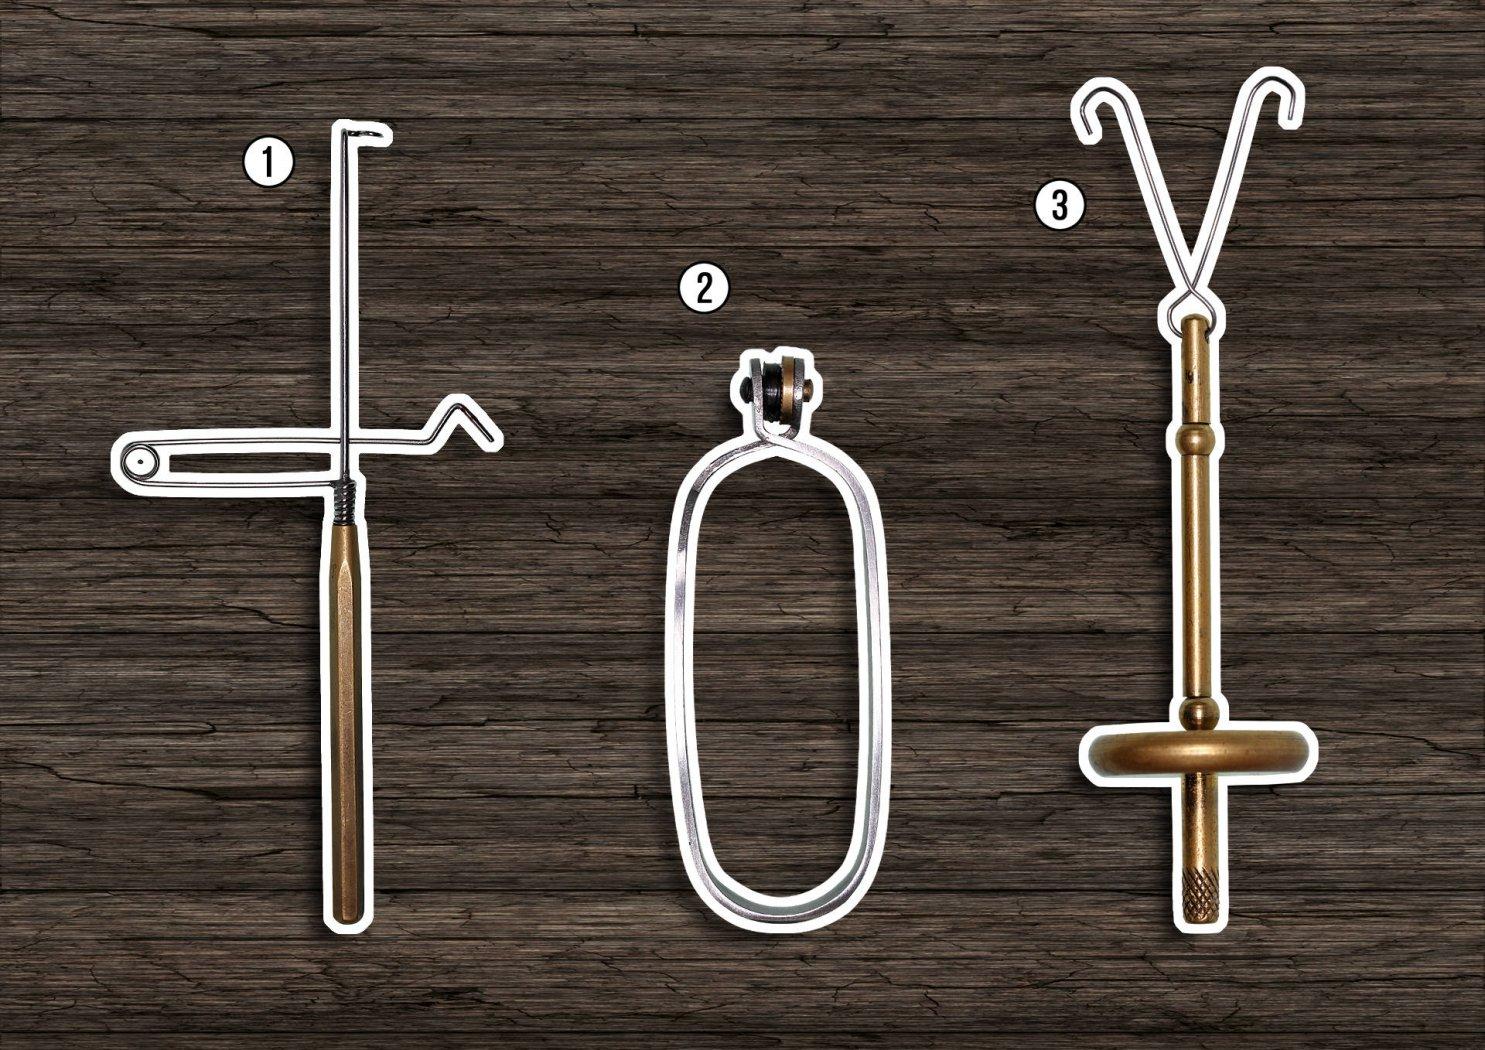 kopfknoten-binder hechelklemme dubbing-twister